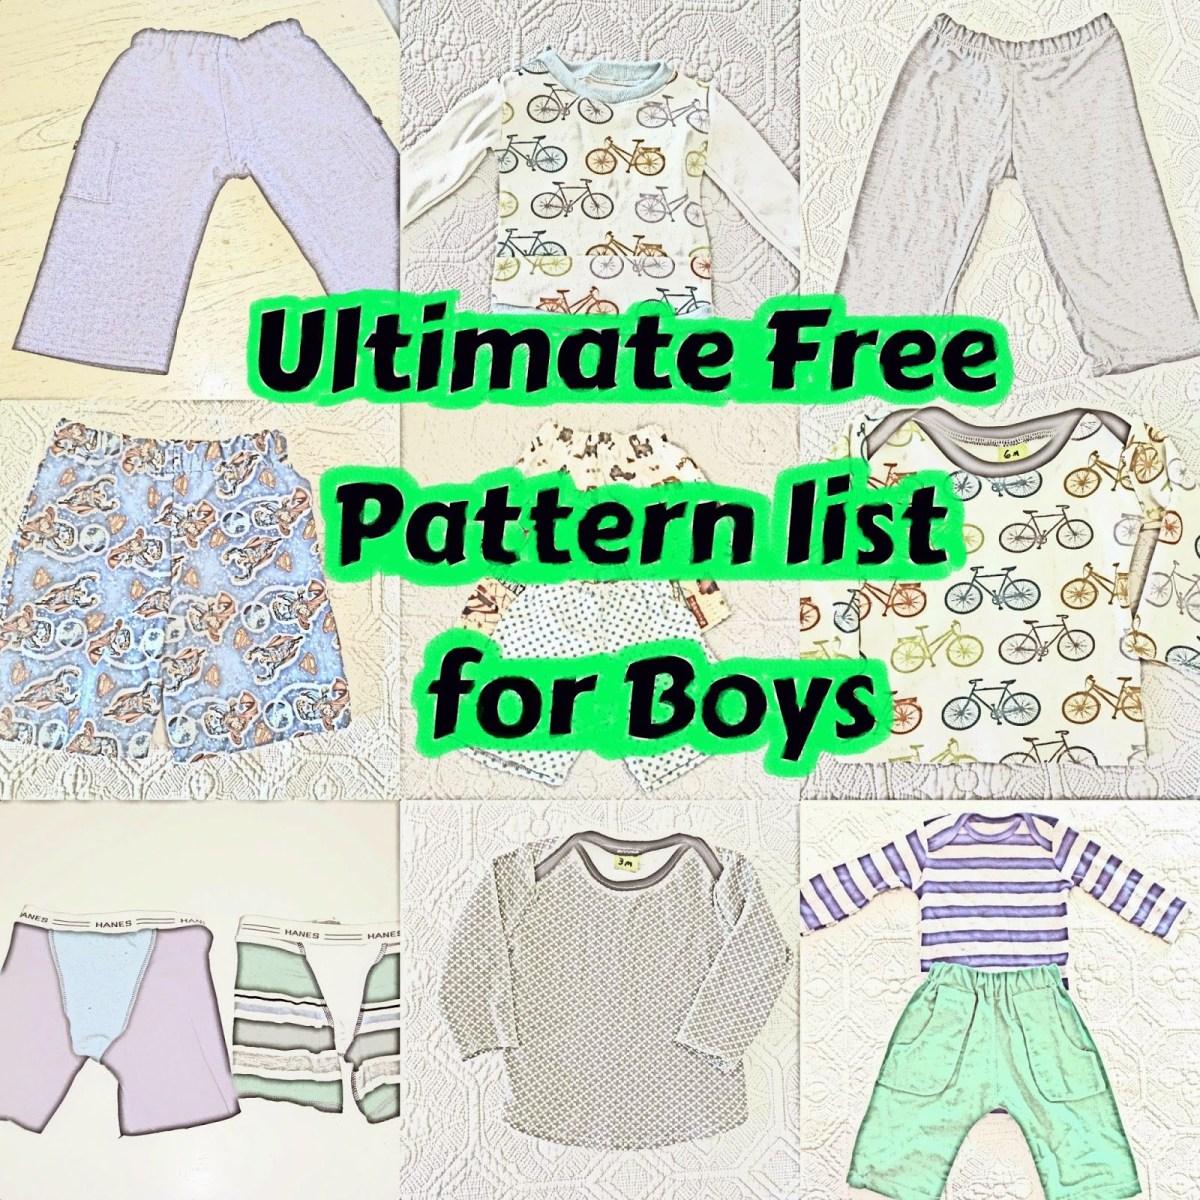 Kids Patterns Sewing Free Free Boy Patterns Sew Boy Sewing Sewing Patterns Sewing